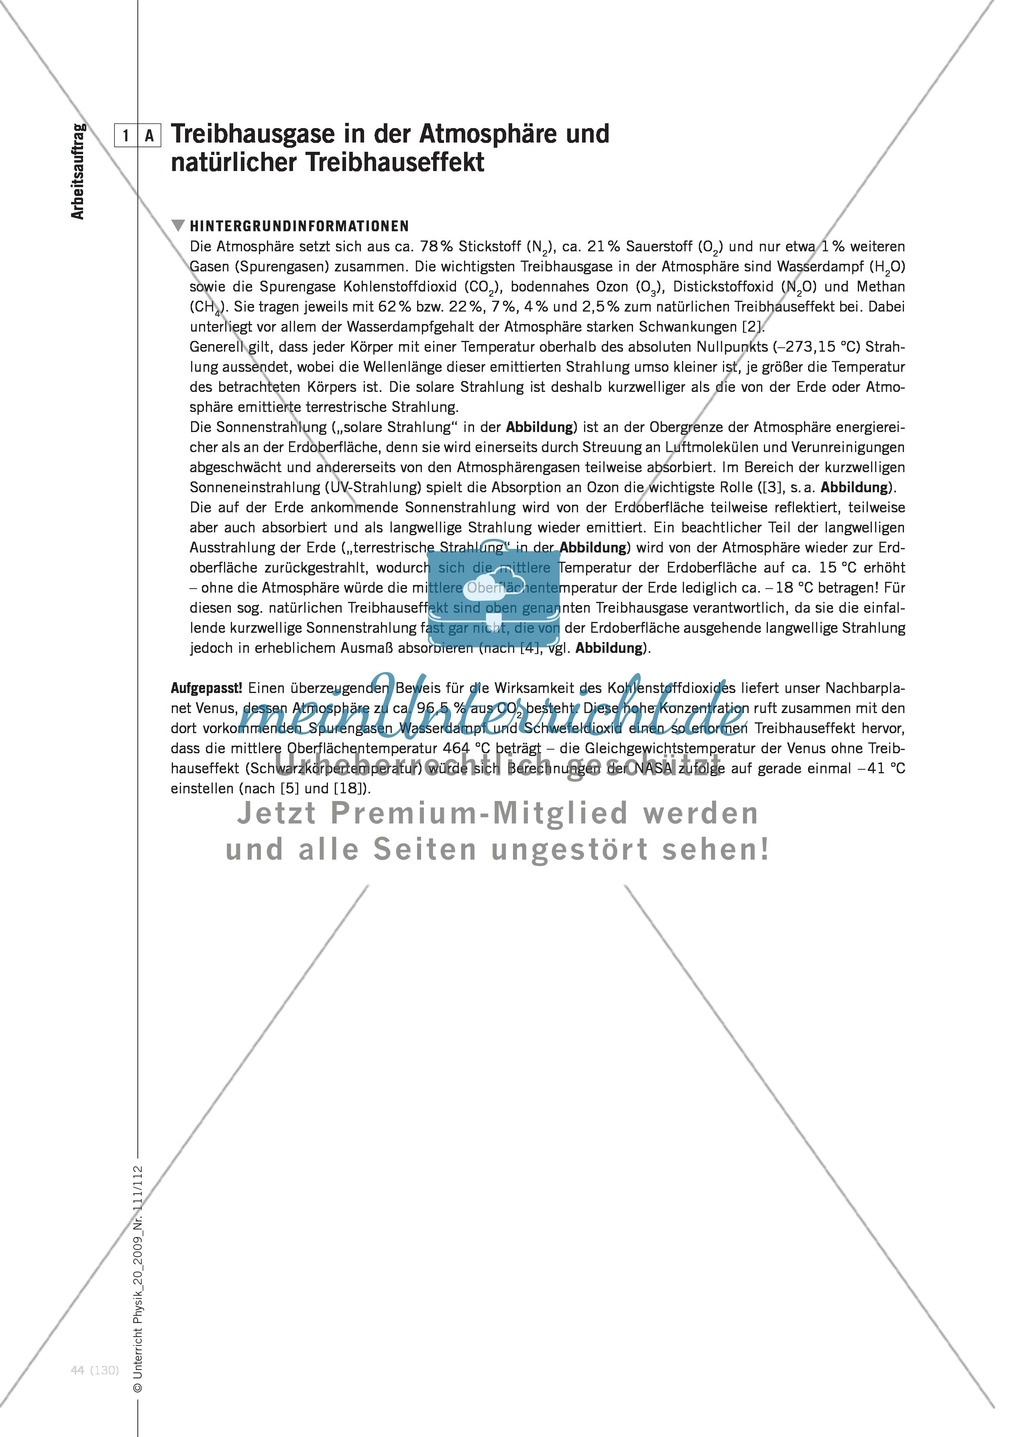 Fachübergreifender Unterricht zum Thema Kohlenstoffdioxid  und Klimawandel. Mit Infotext und Arbeitsblättern. Preview 2